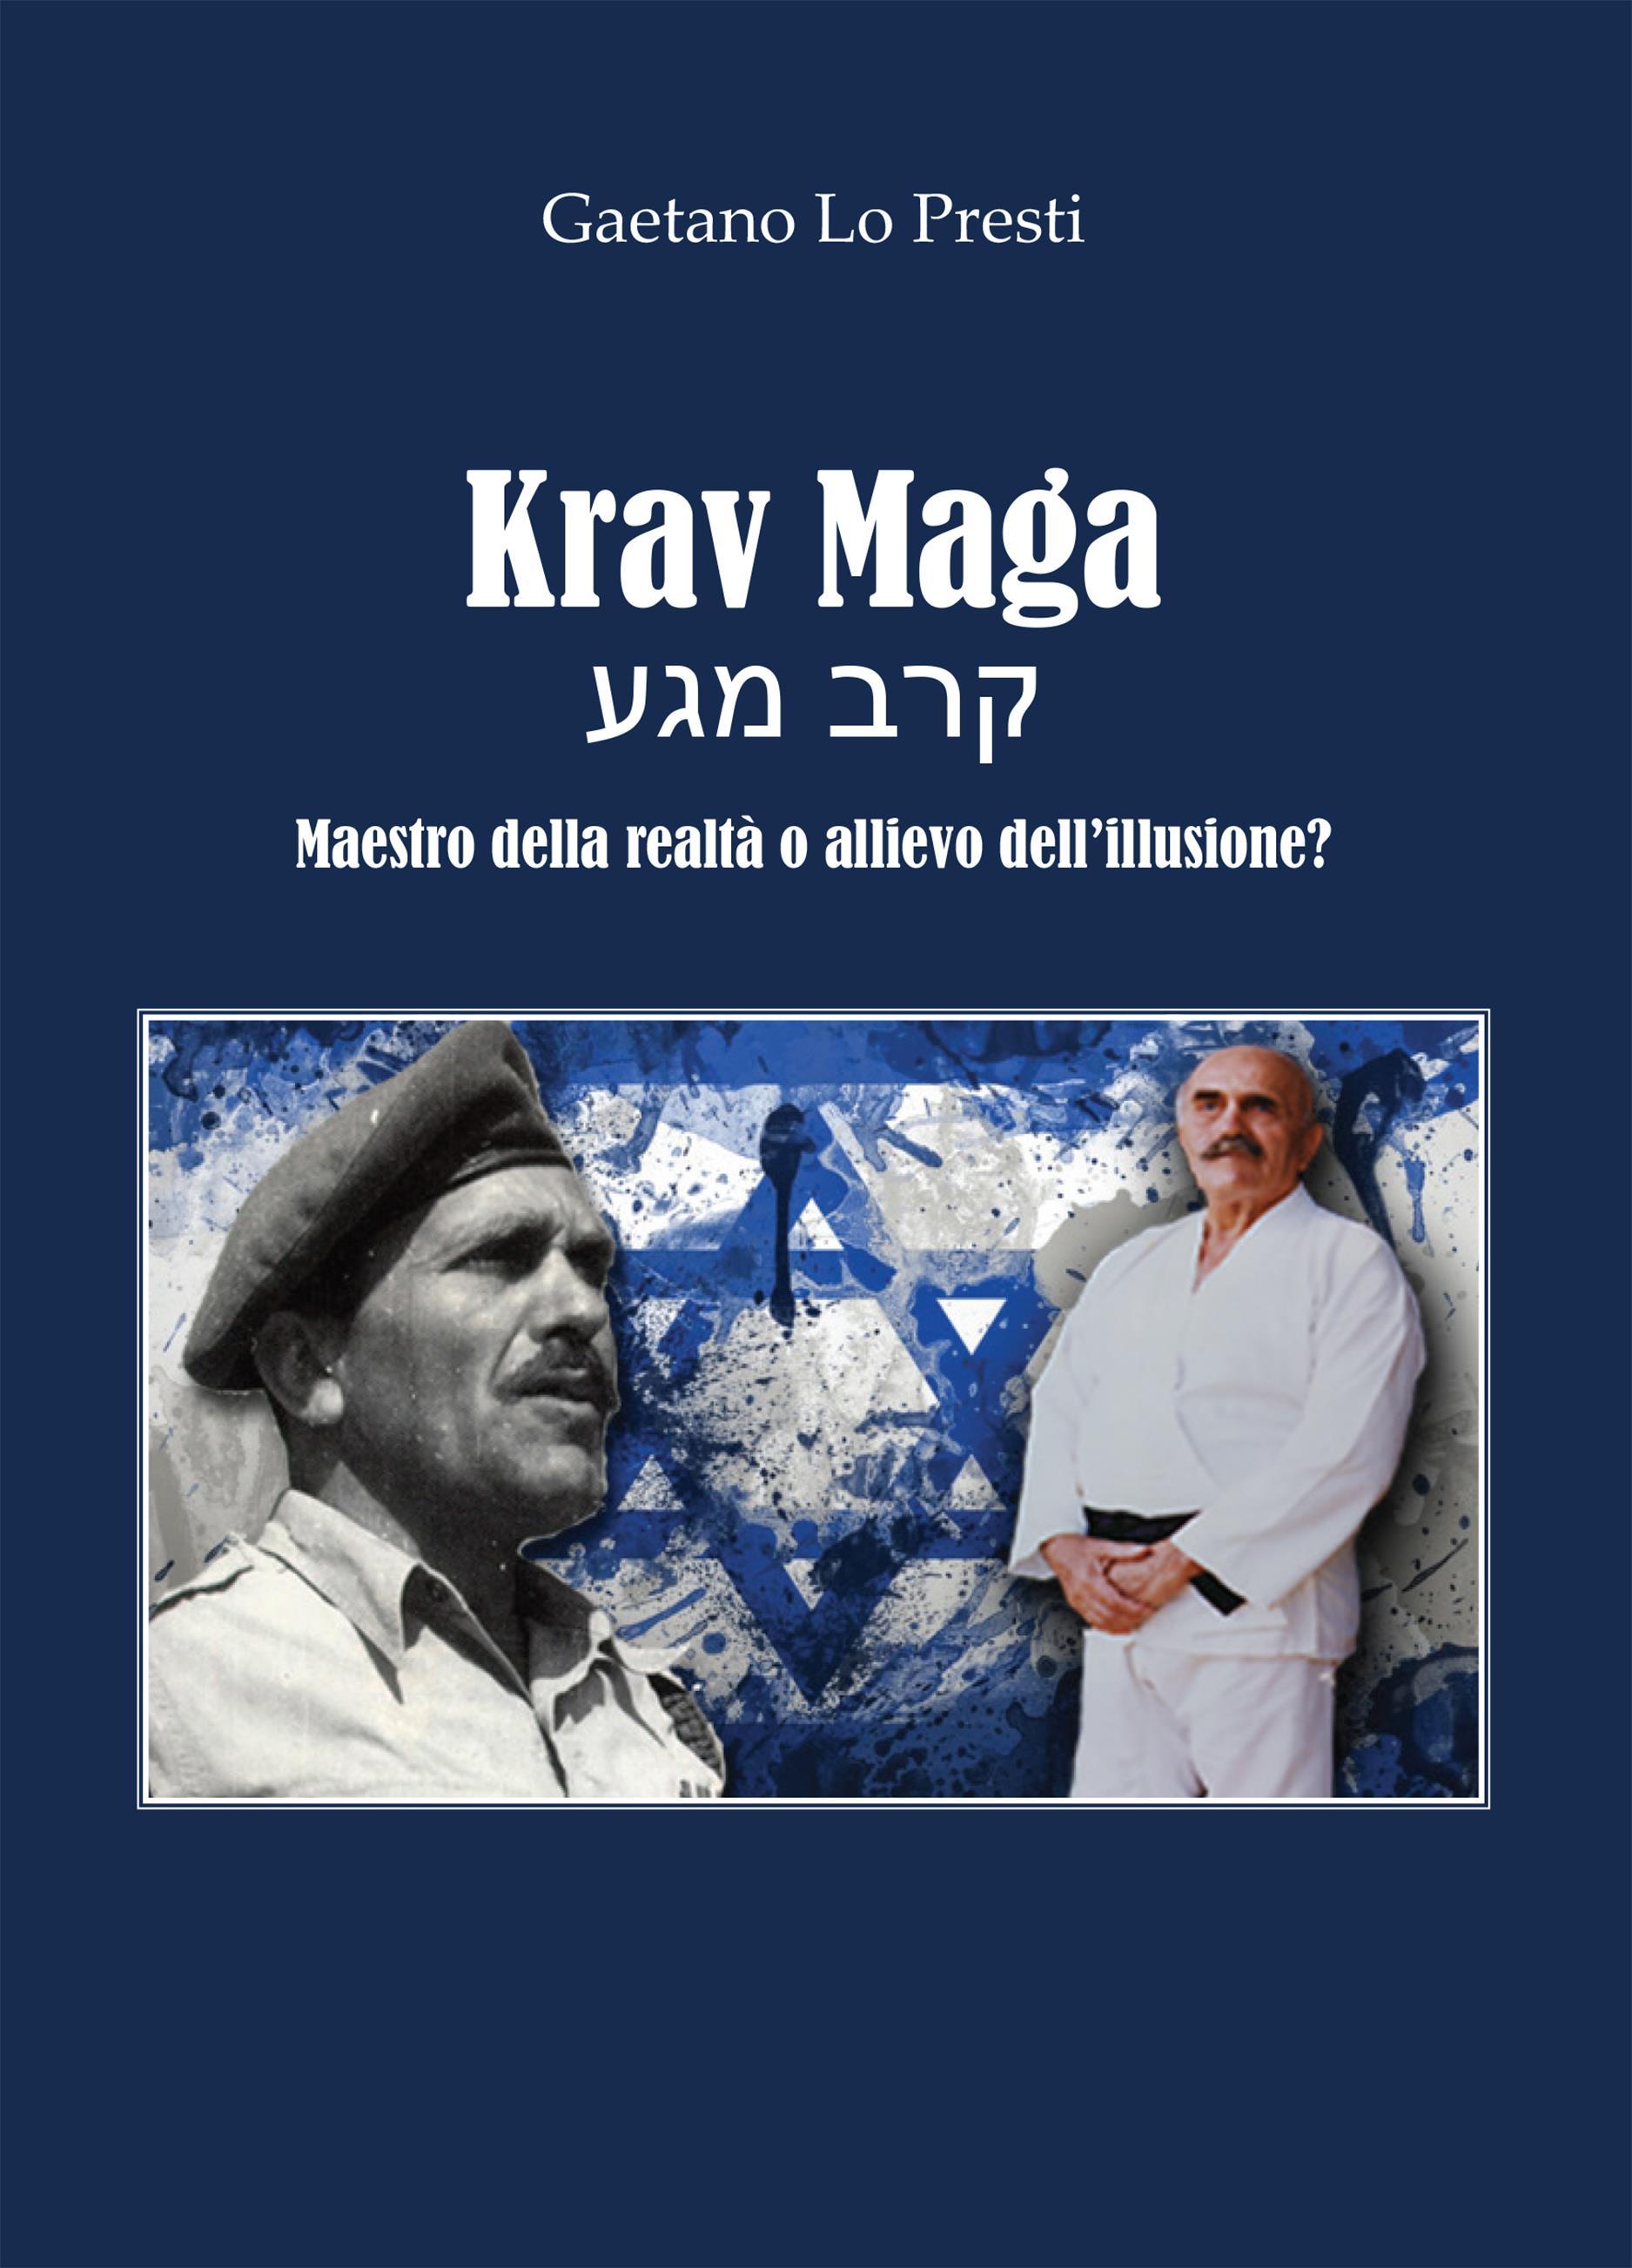 Krav Maga - Maestro della realtà o allievo dell'illusione?